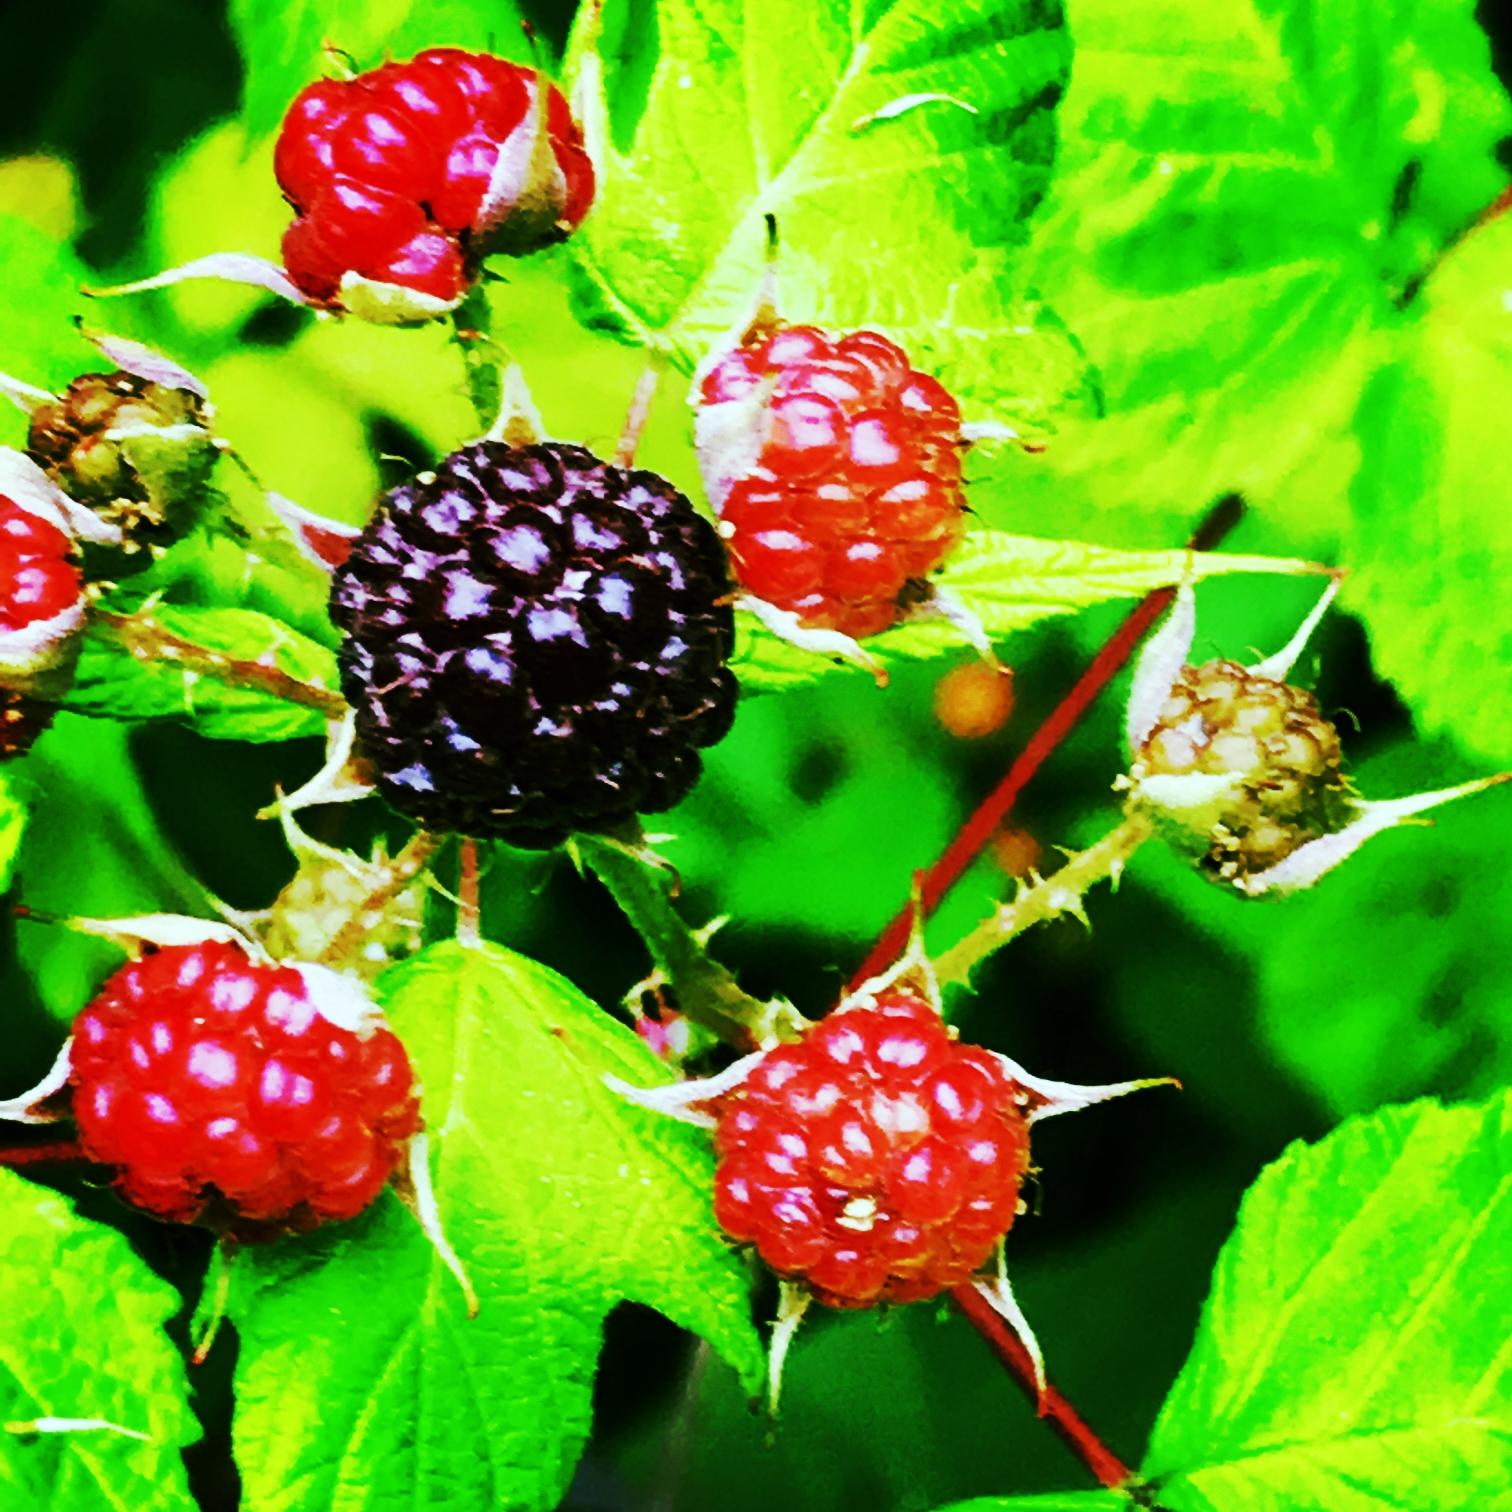 Black Raspberries in the Meadow